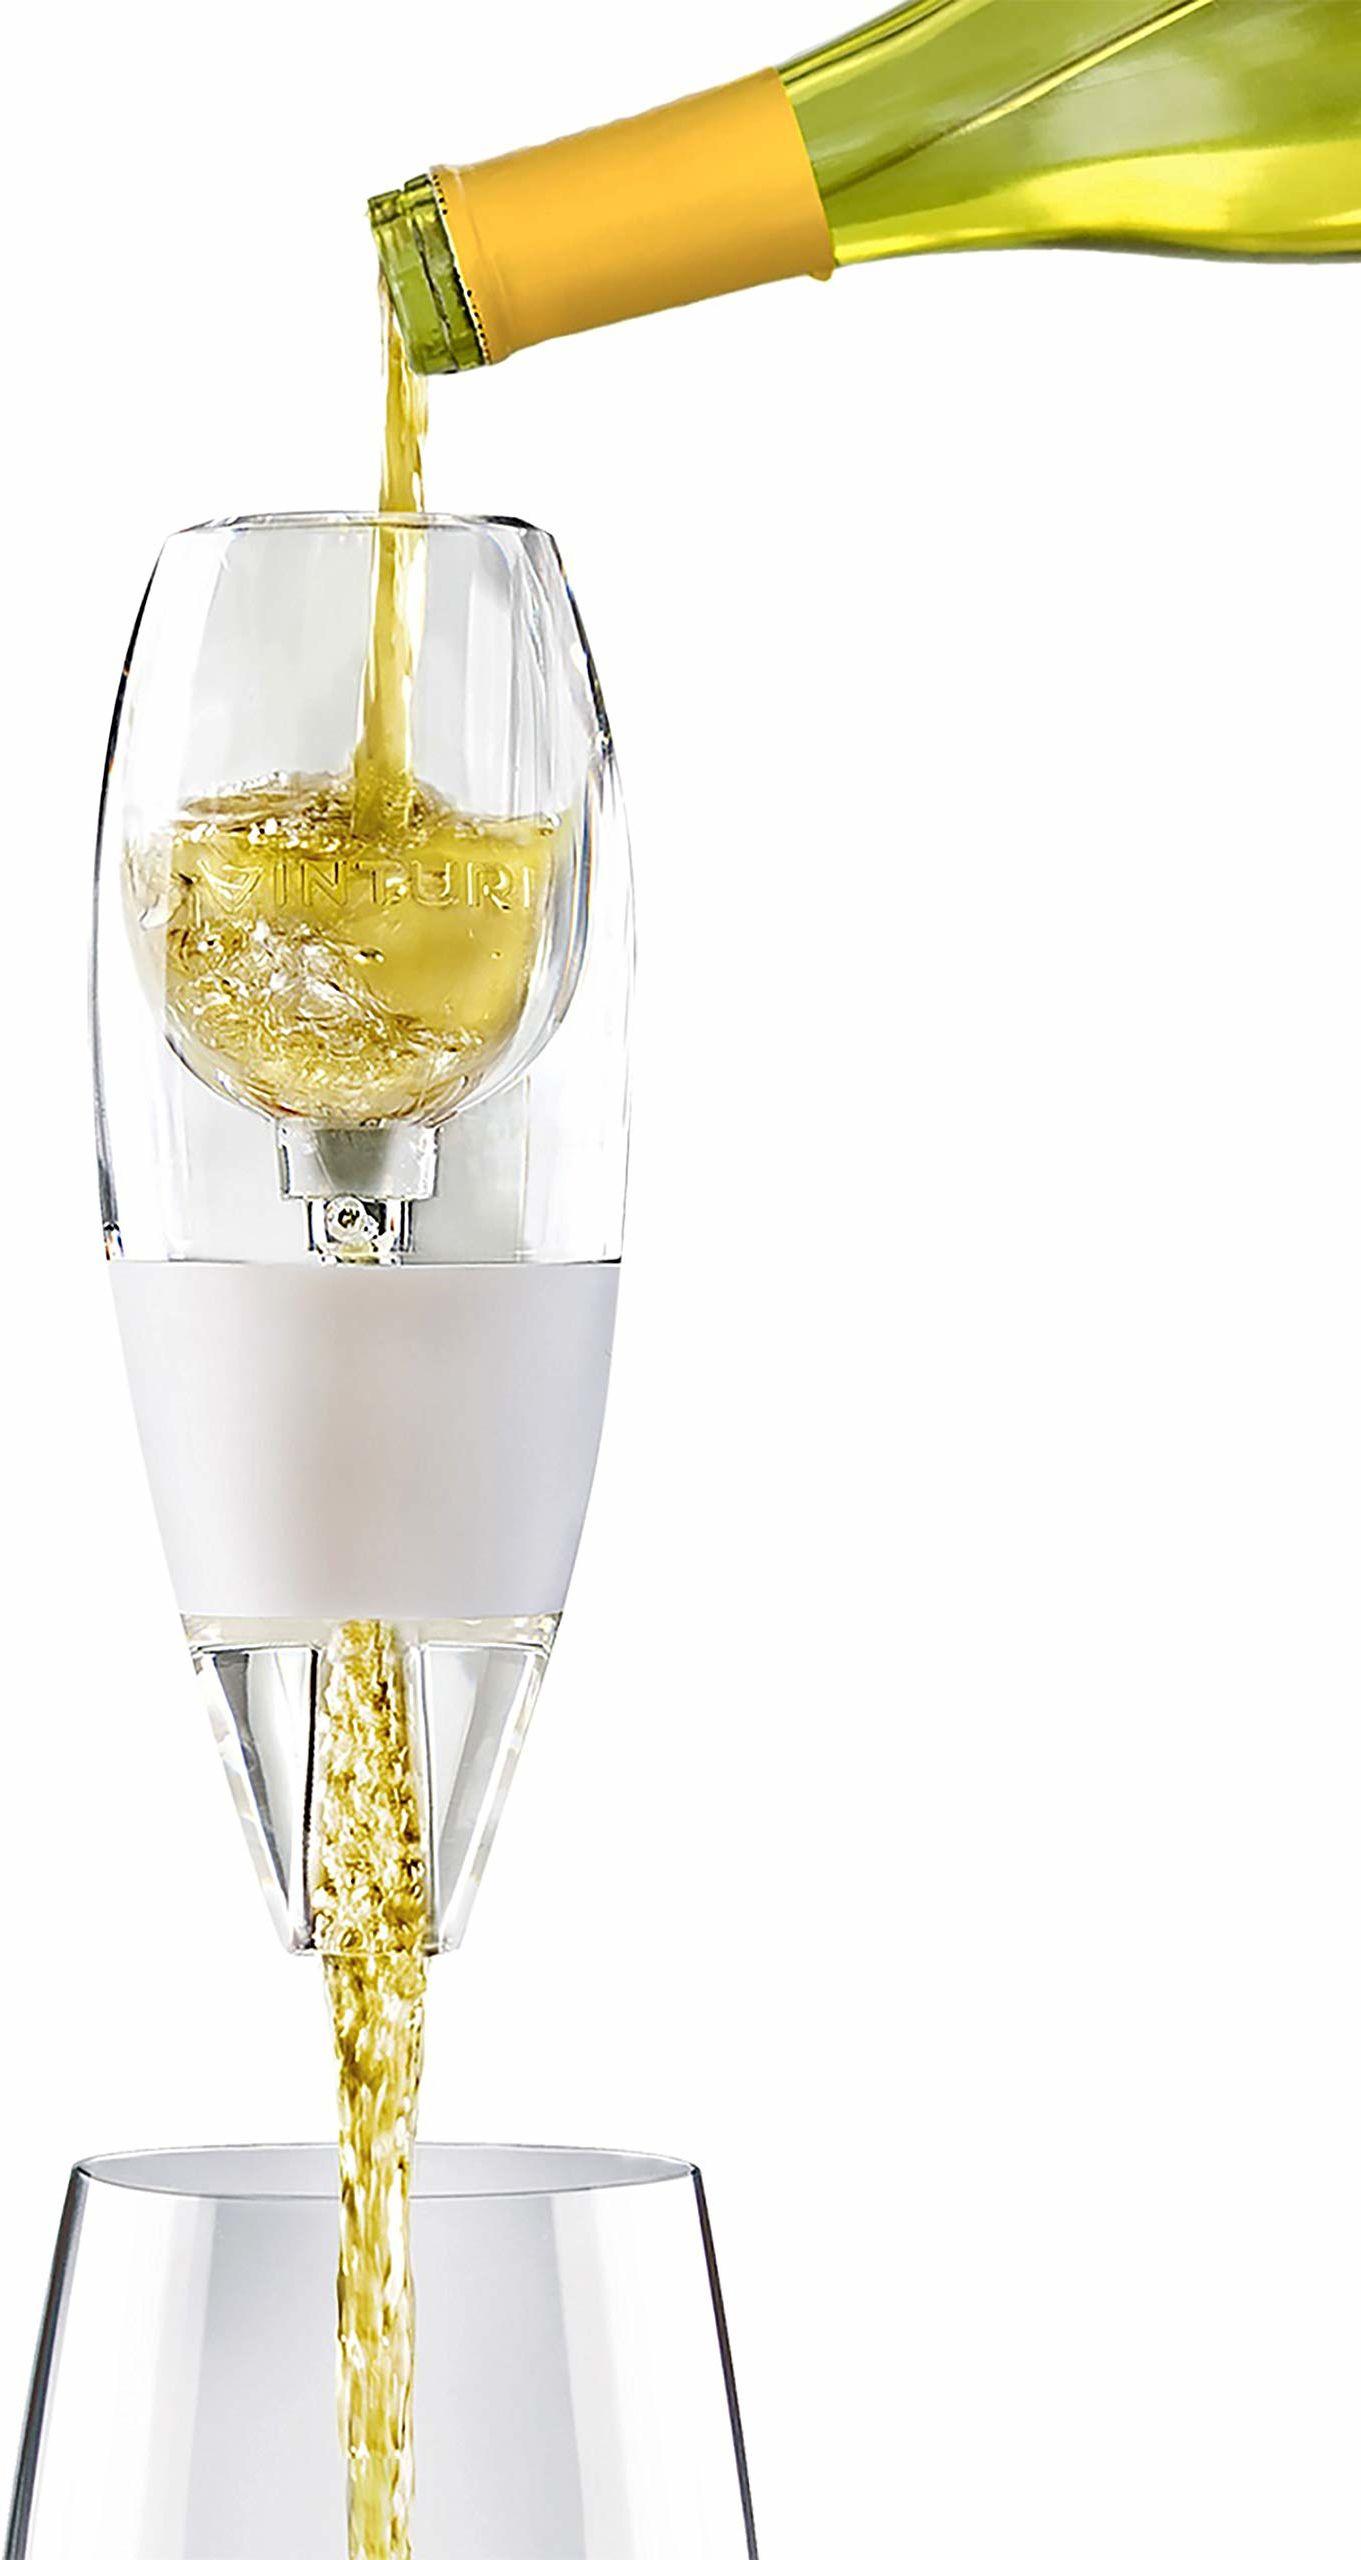 Vinturi Napowietrzacz do białego wina